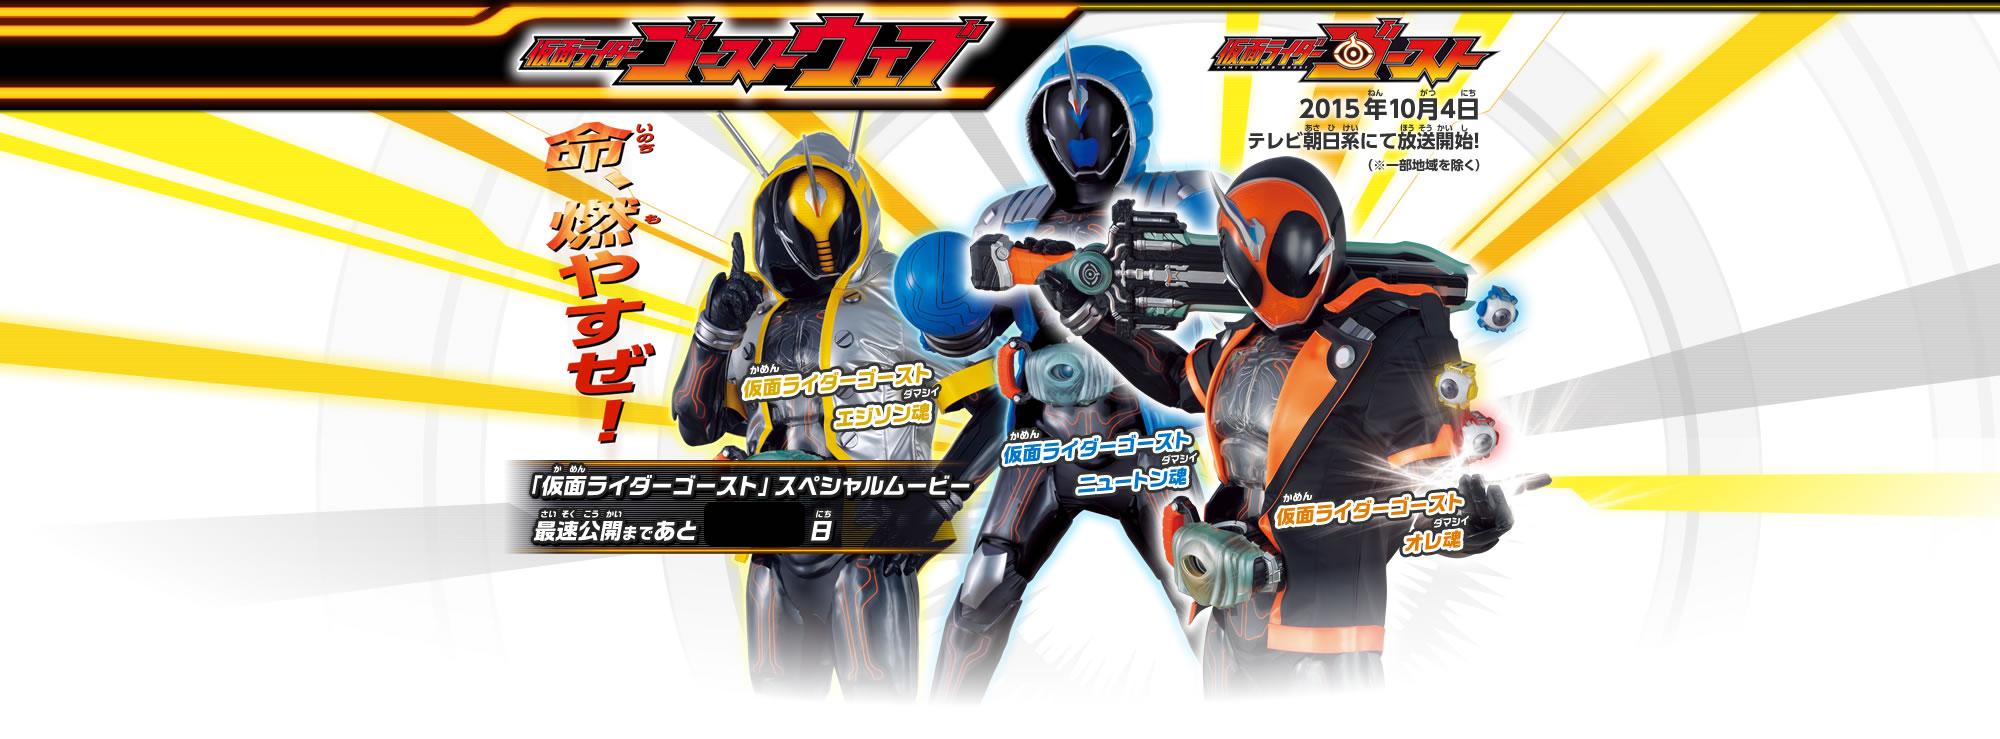 http://rider.b-boys.jp/images/top/teaser/bg_teaser.jpg